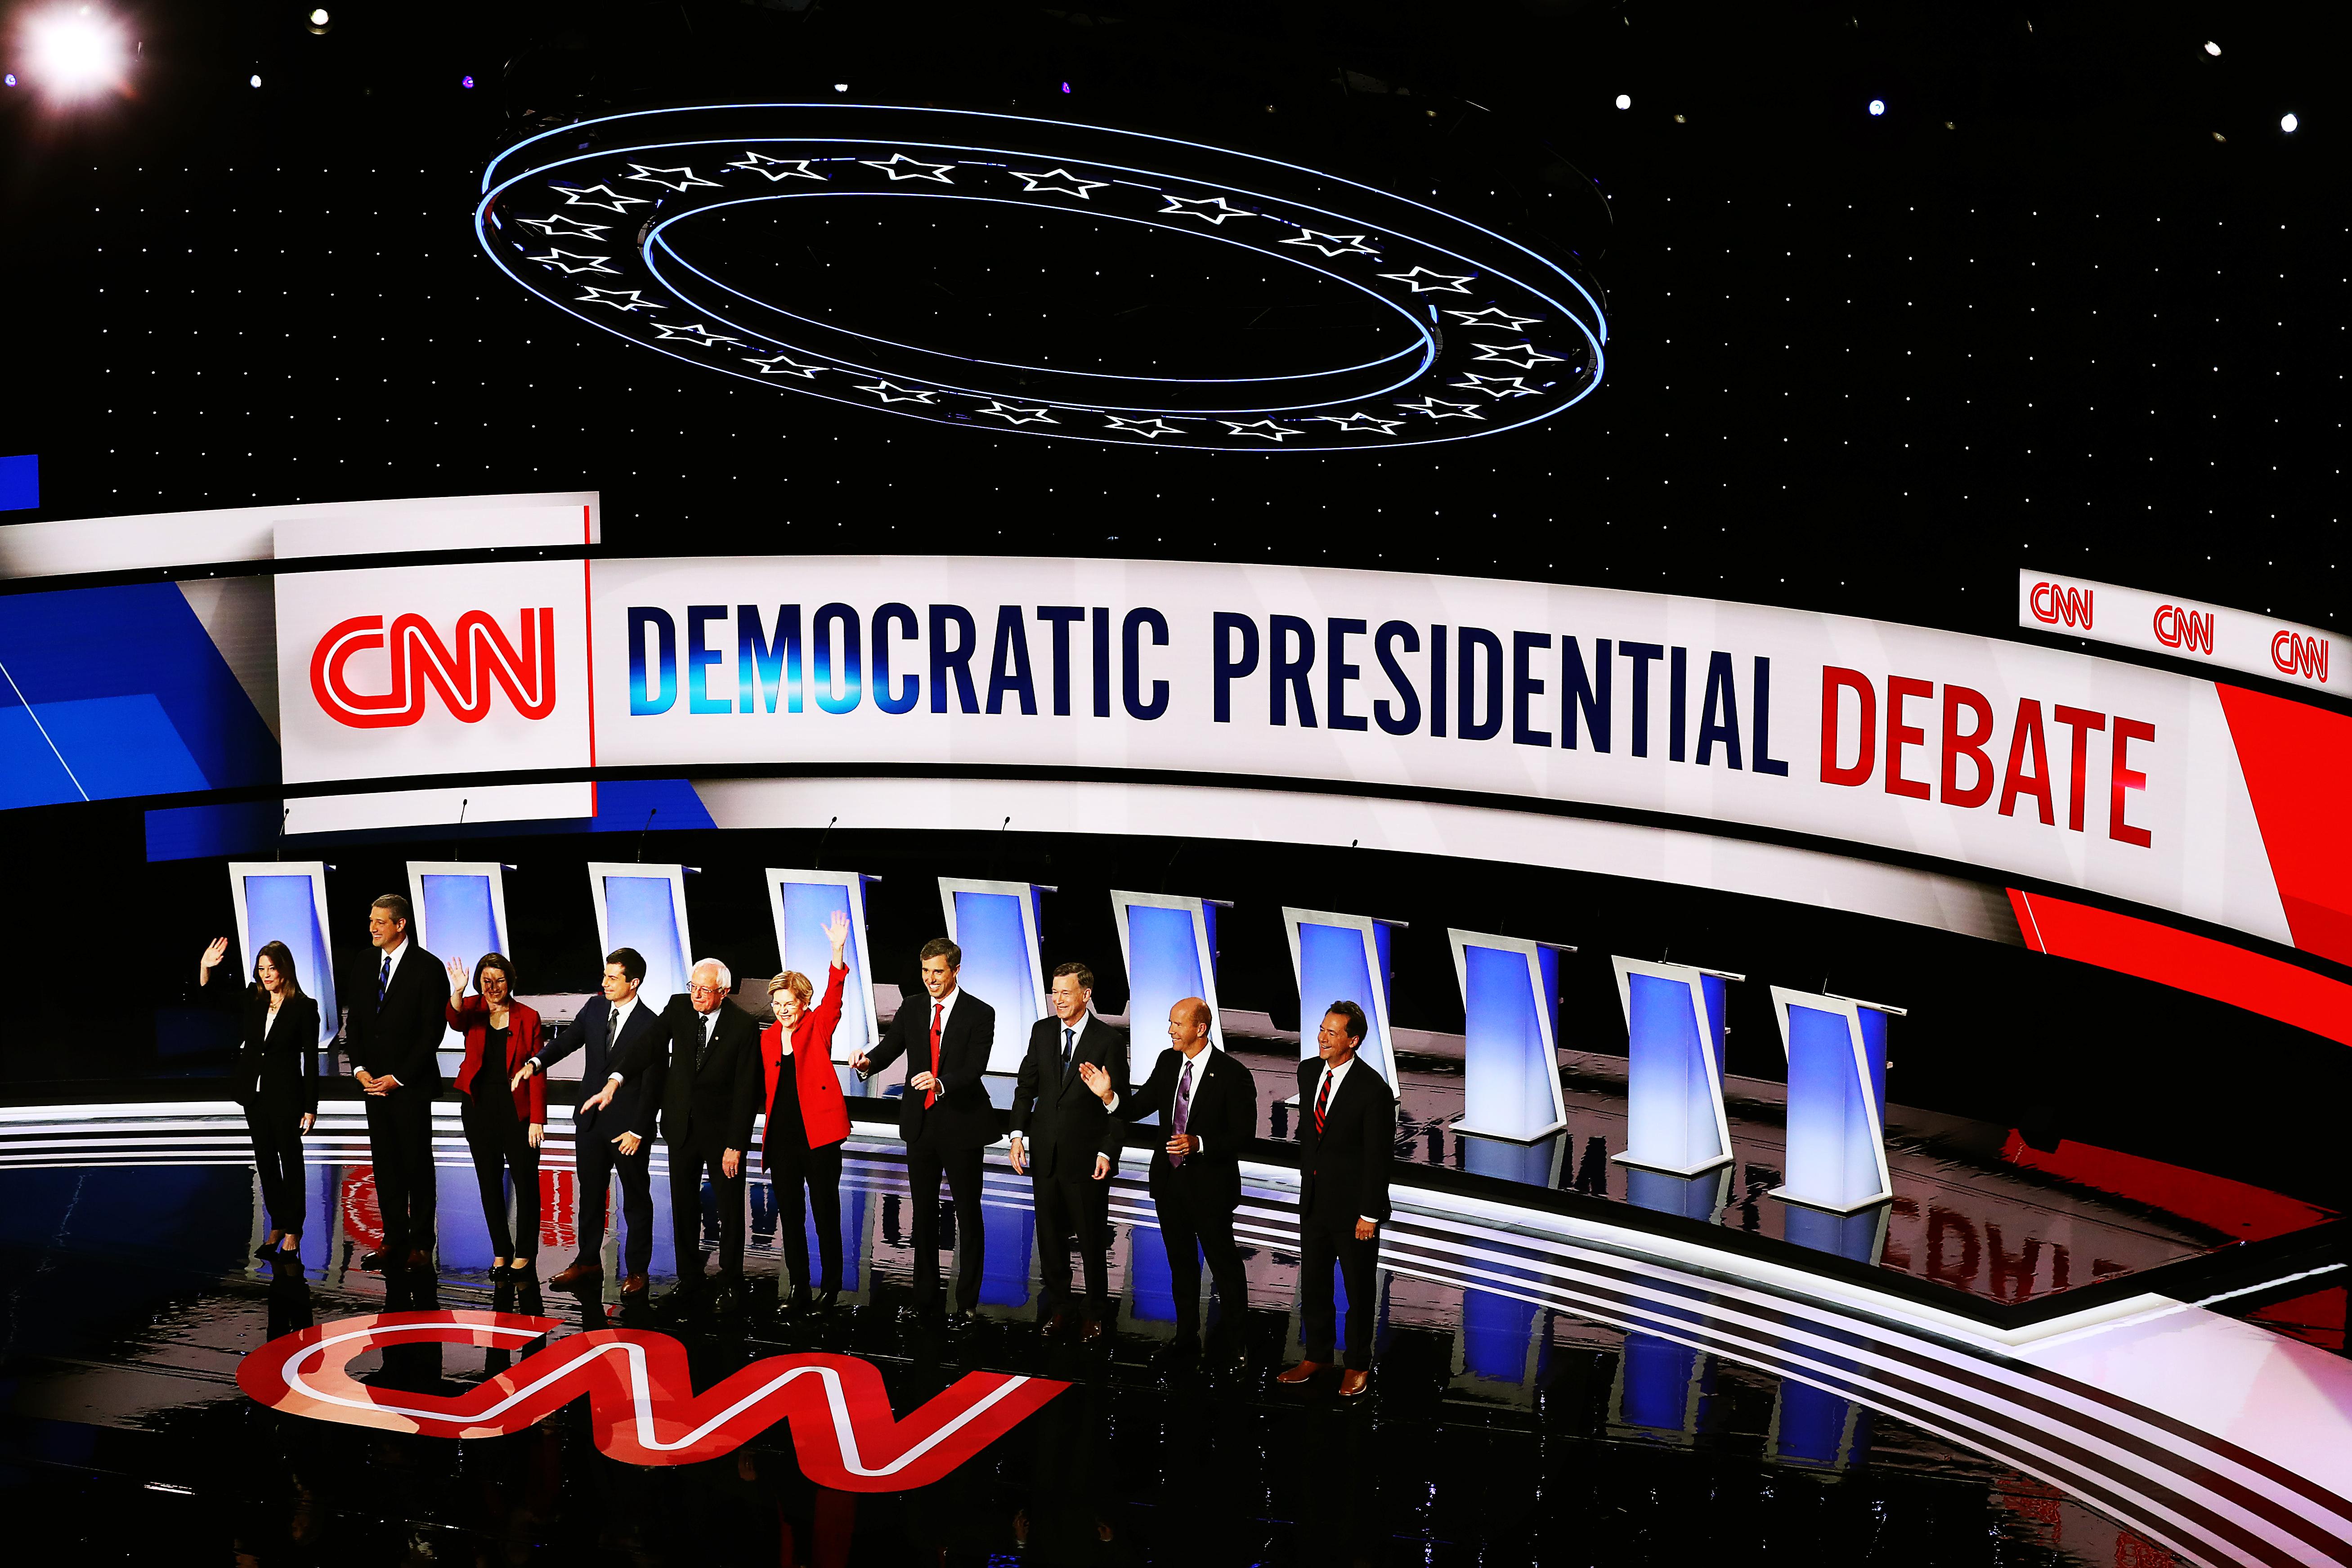 The Democratic debates neglected one of America's biggest public health crises